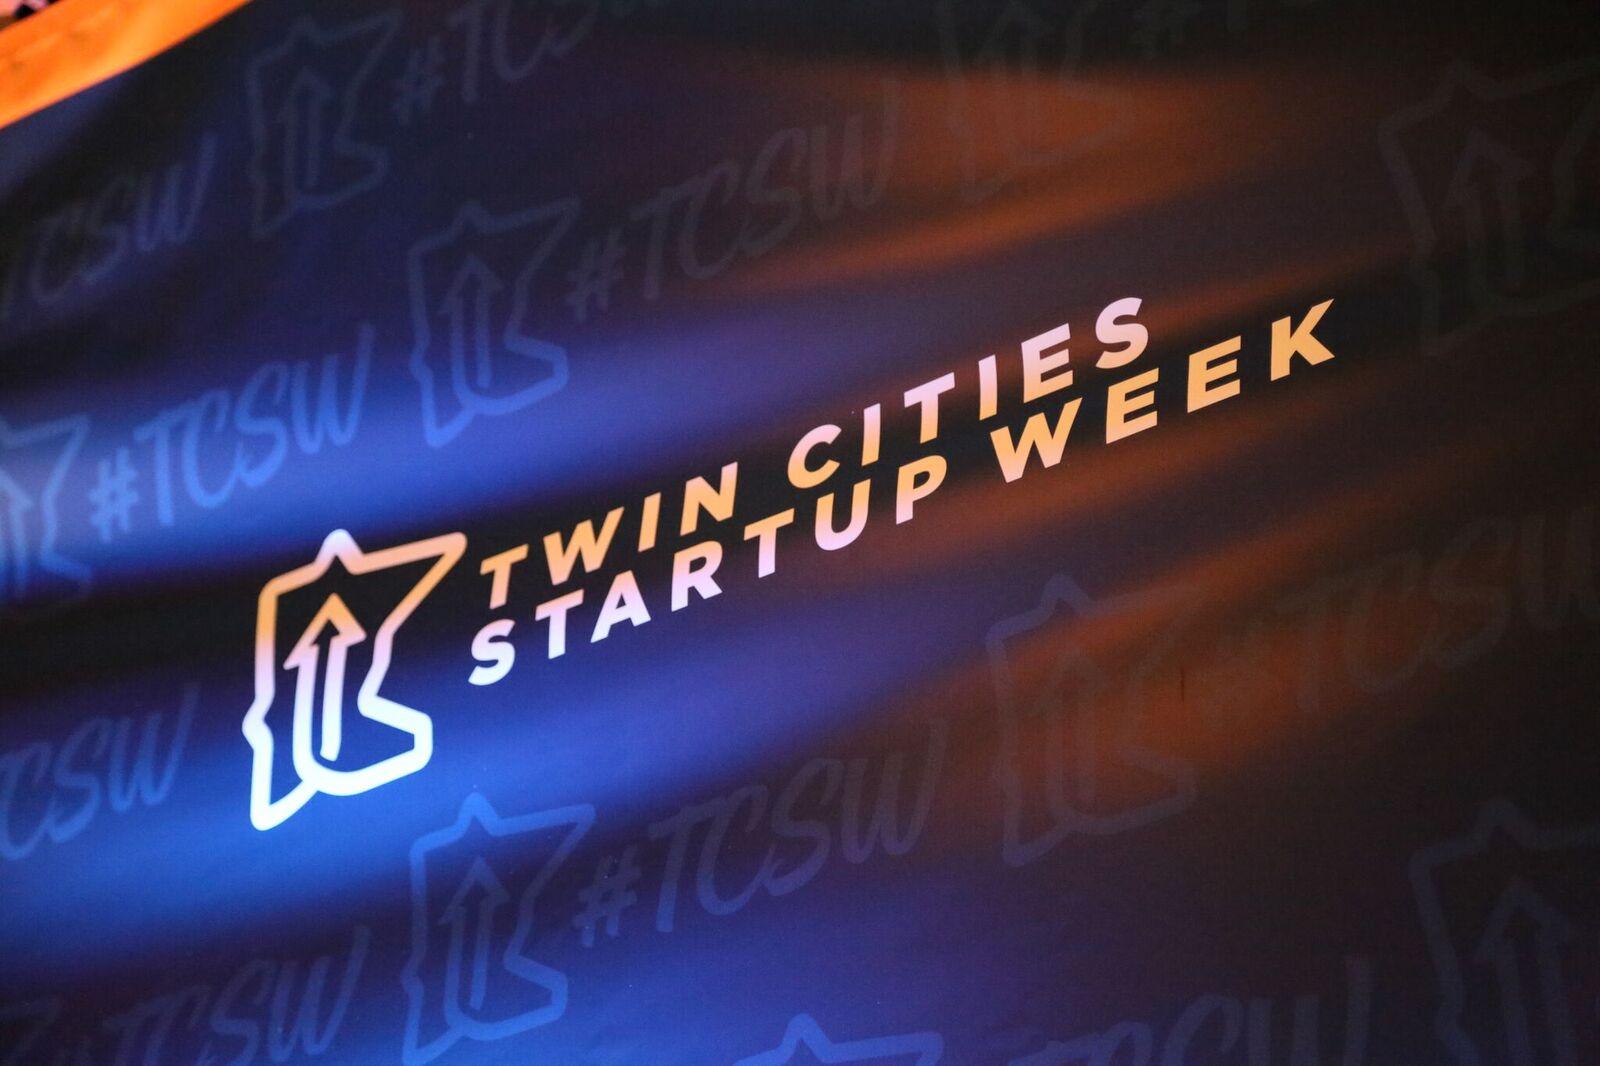 TCSW photo